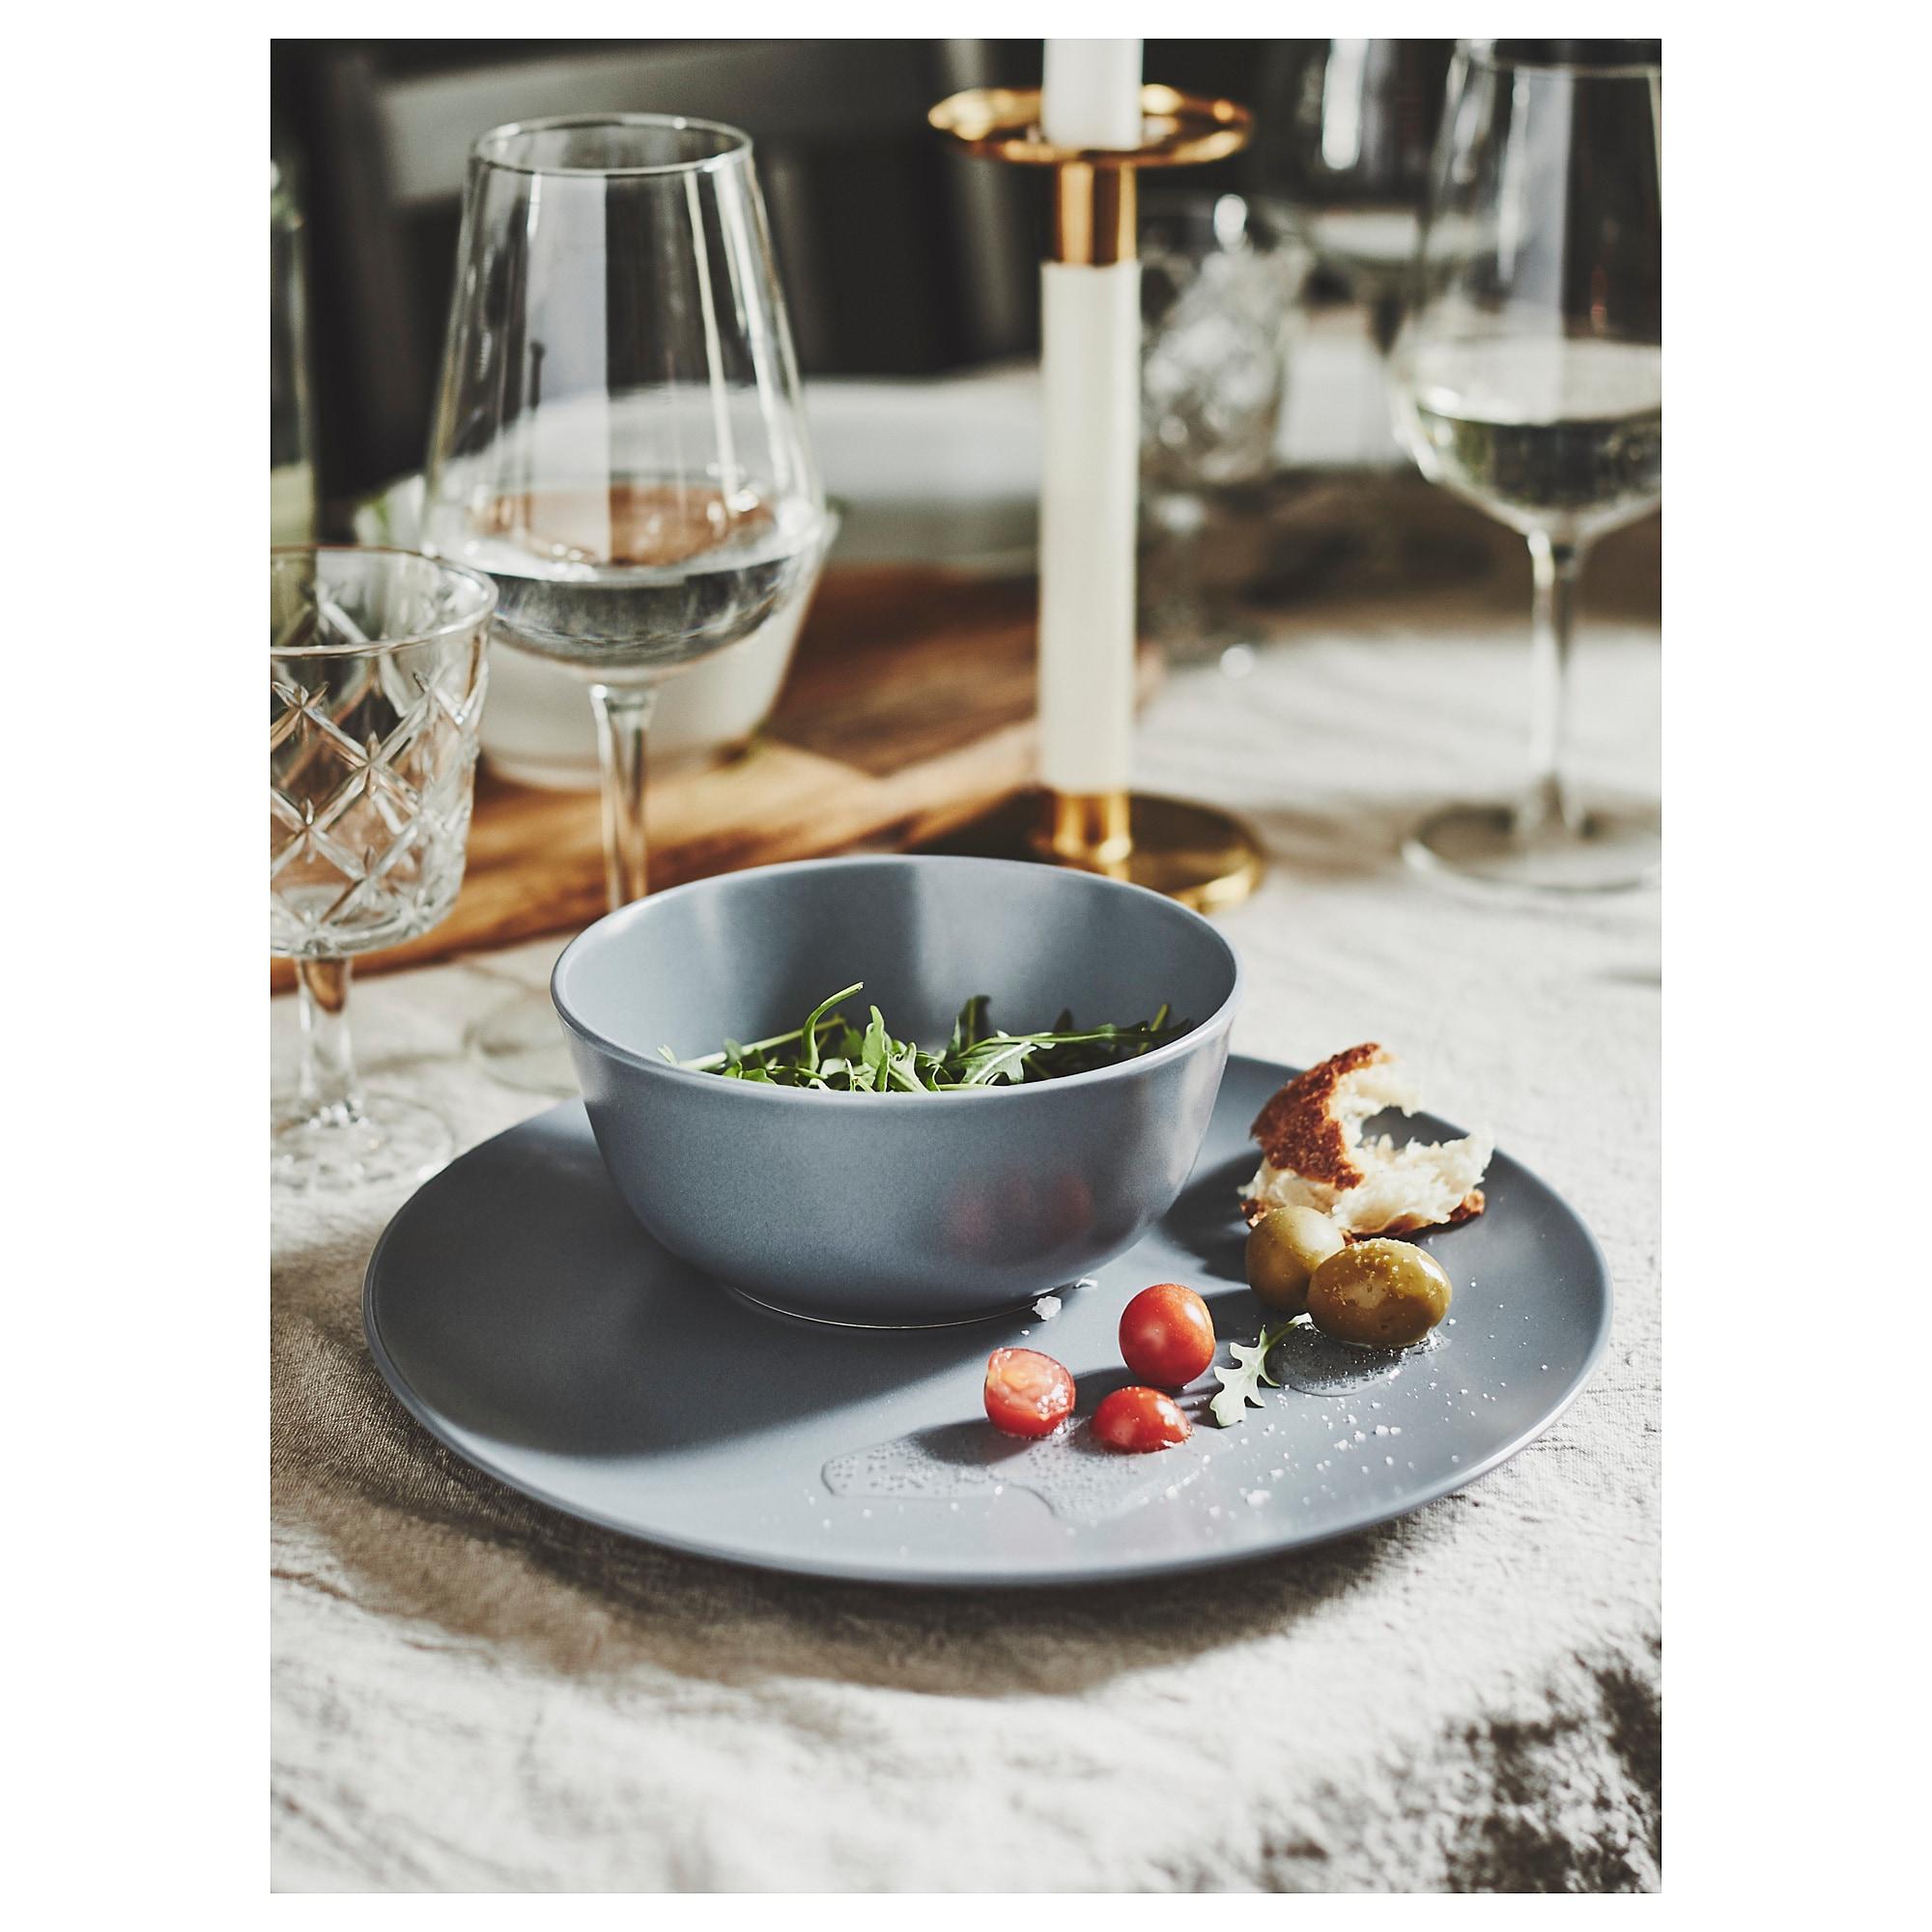 фото стильных посуда для смешанных блюд